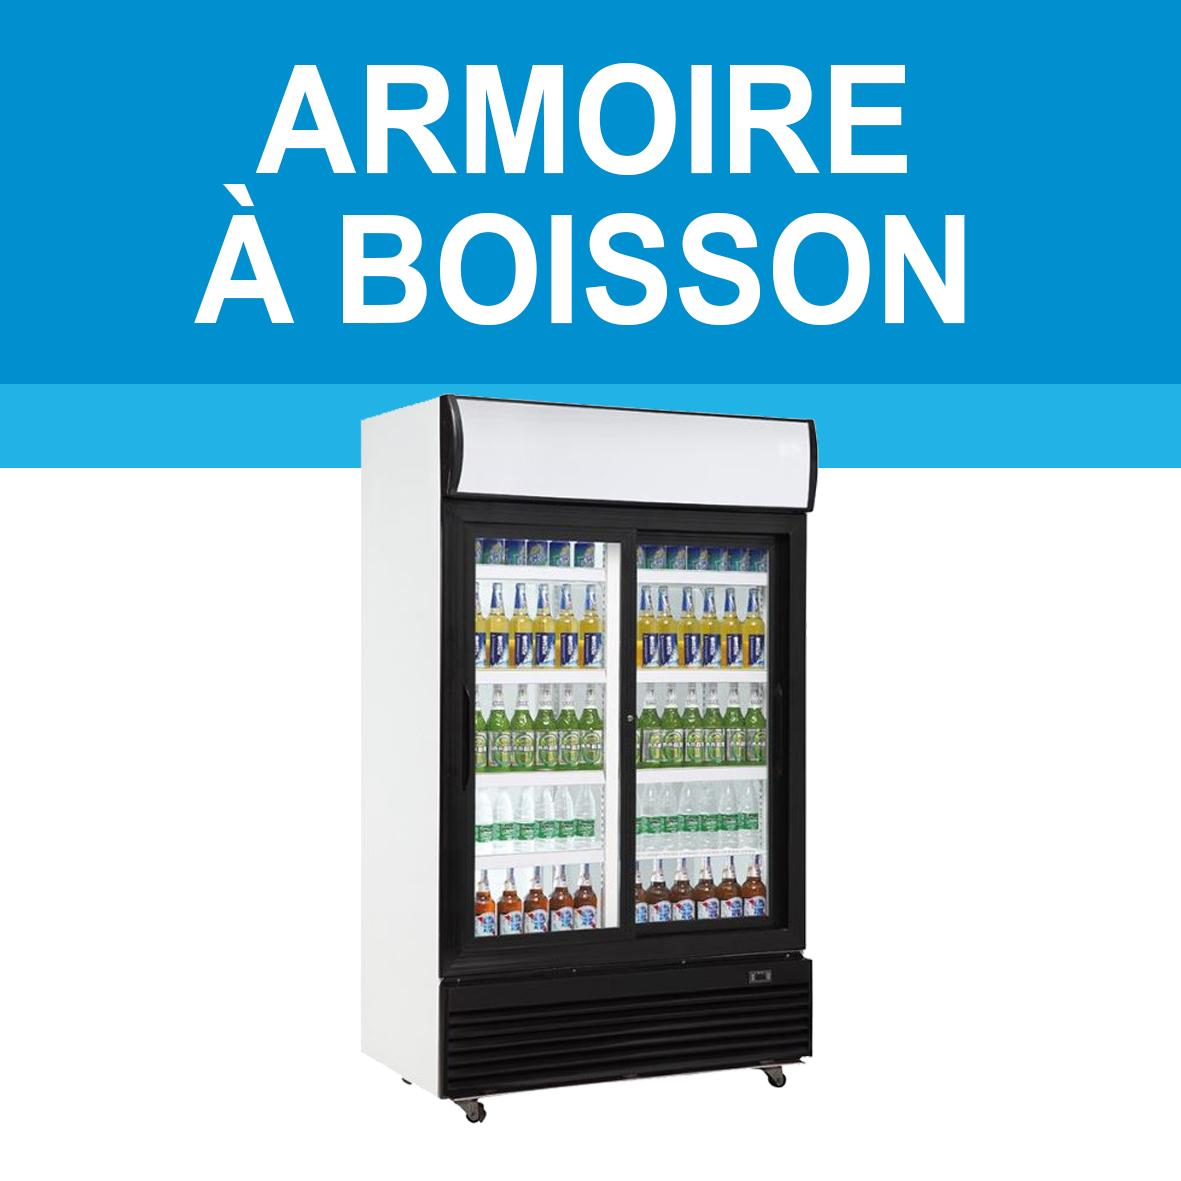 armoires a boisson dessert machine